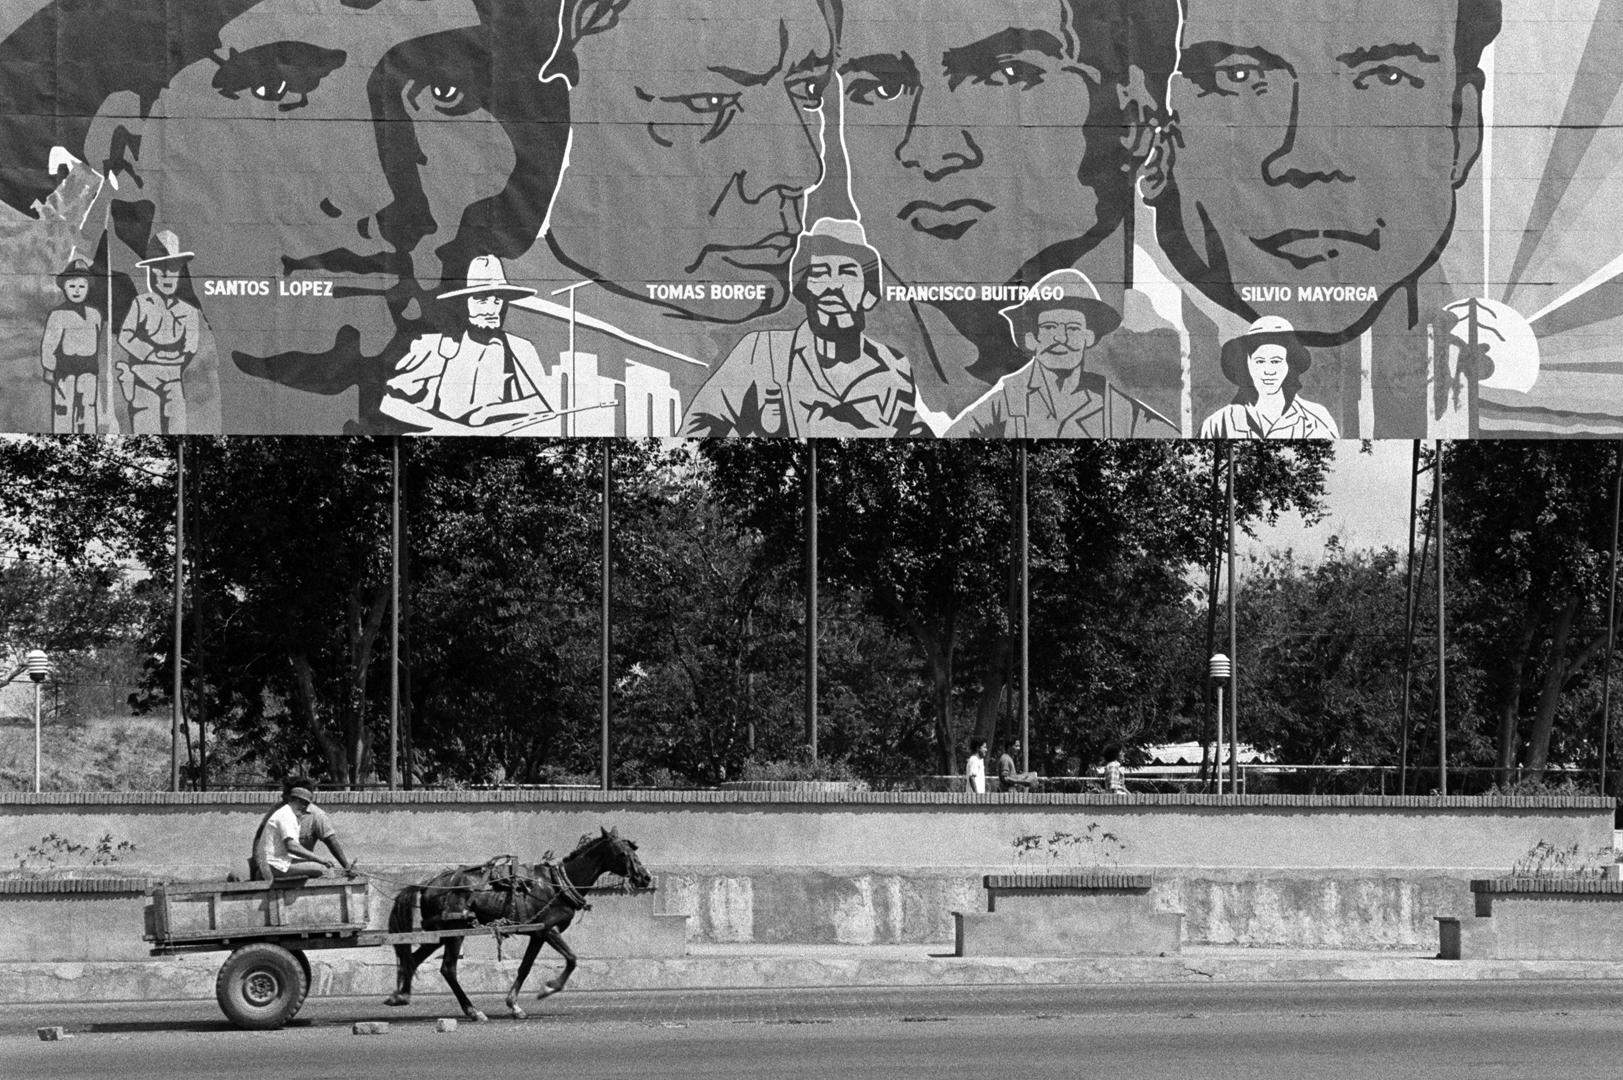 01-mural-horse 72.jpg